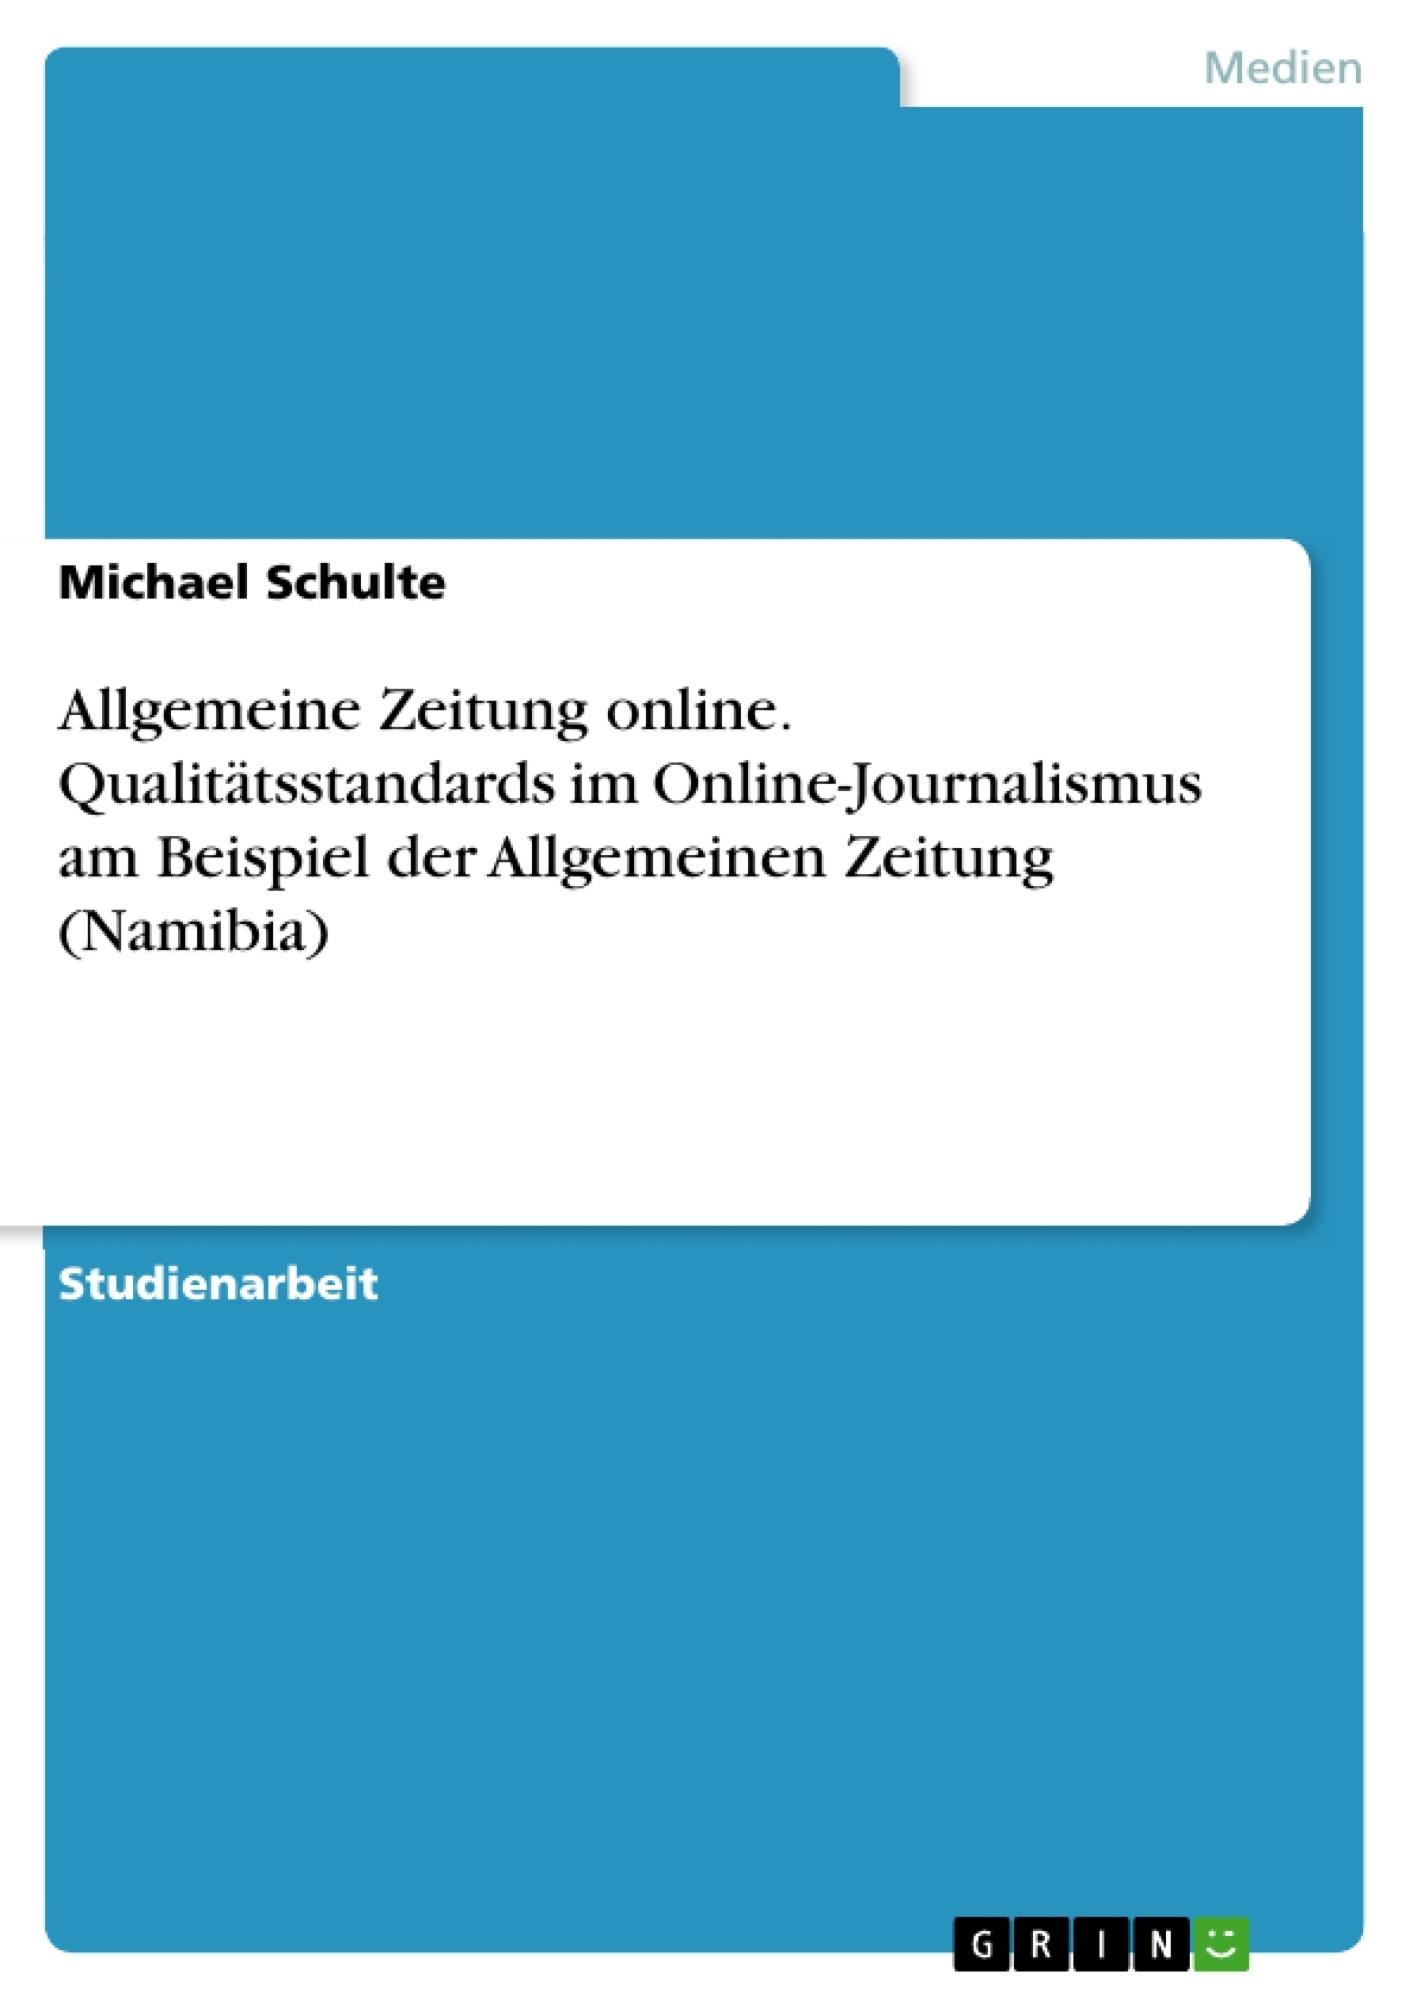 Titel: Allgemeine Zeitung online. Qualitätsstandards im Online-Journalismus am Beispiel der Allgemeinen Zeitung (Namibia)